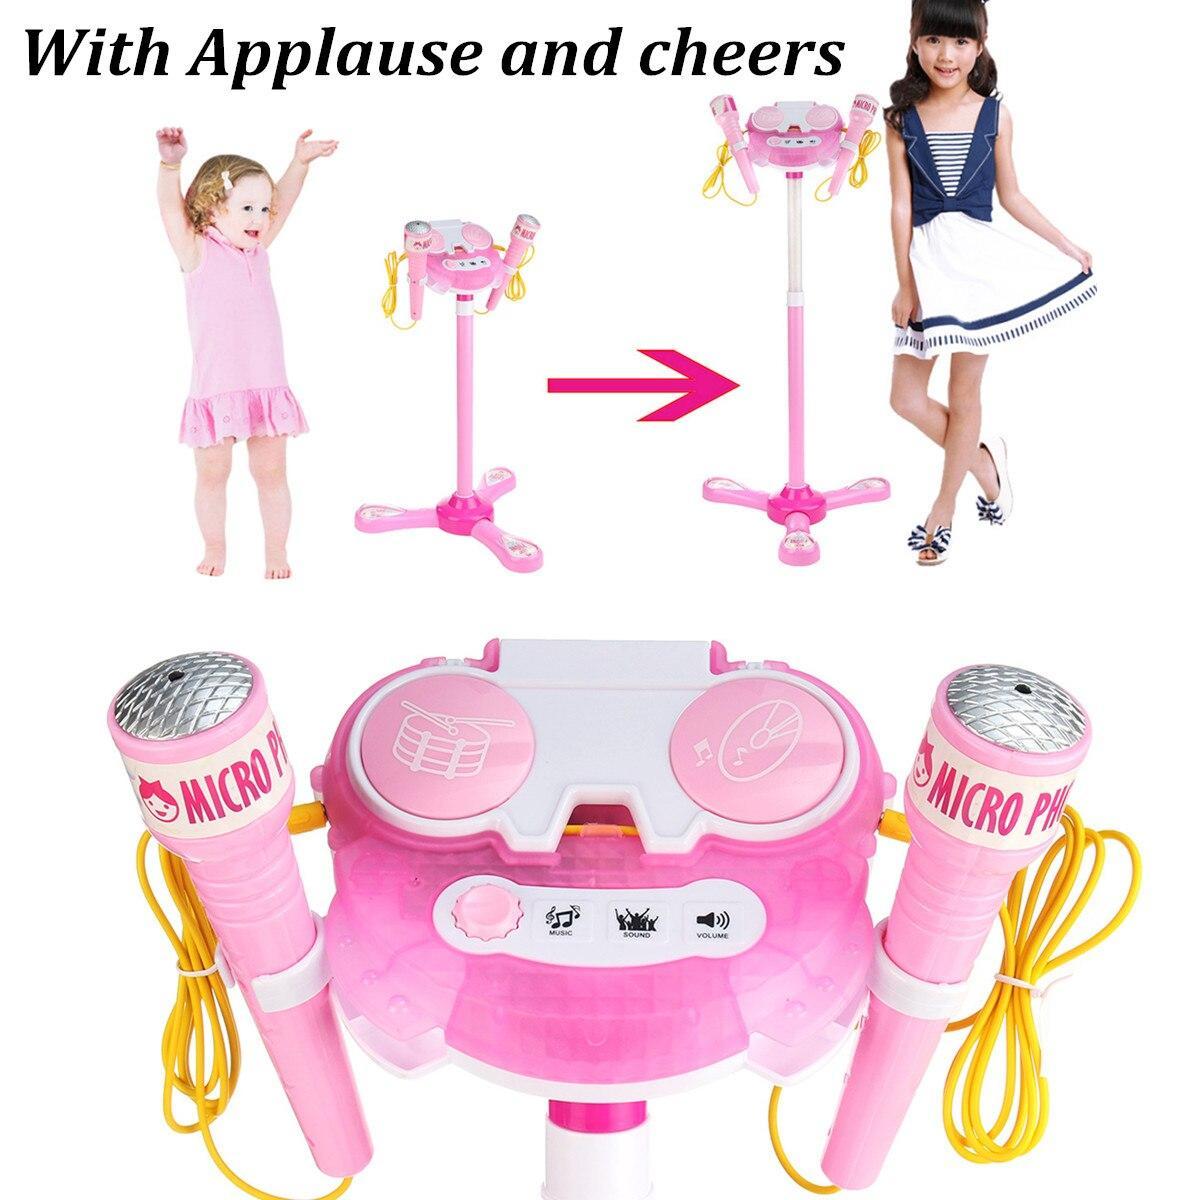 เครื่องคาราโอเกะชุด 2 ไมโครโฟนเพลงเล่นของเล่นปรับขาตั้งสำหรับเด็กบ้านสาวร้องเพลงระบบเด็กเด็กไมโครโฟน Mp3.